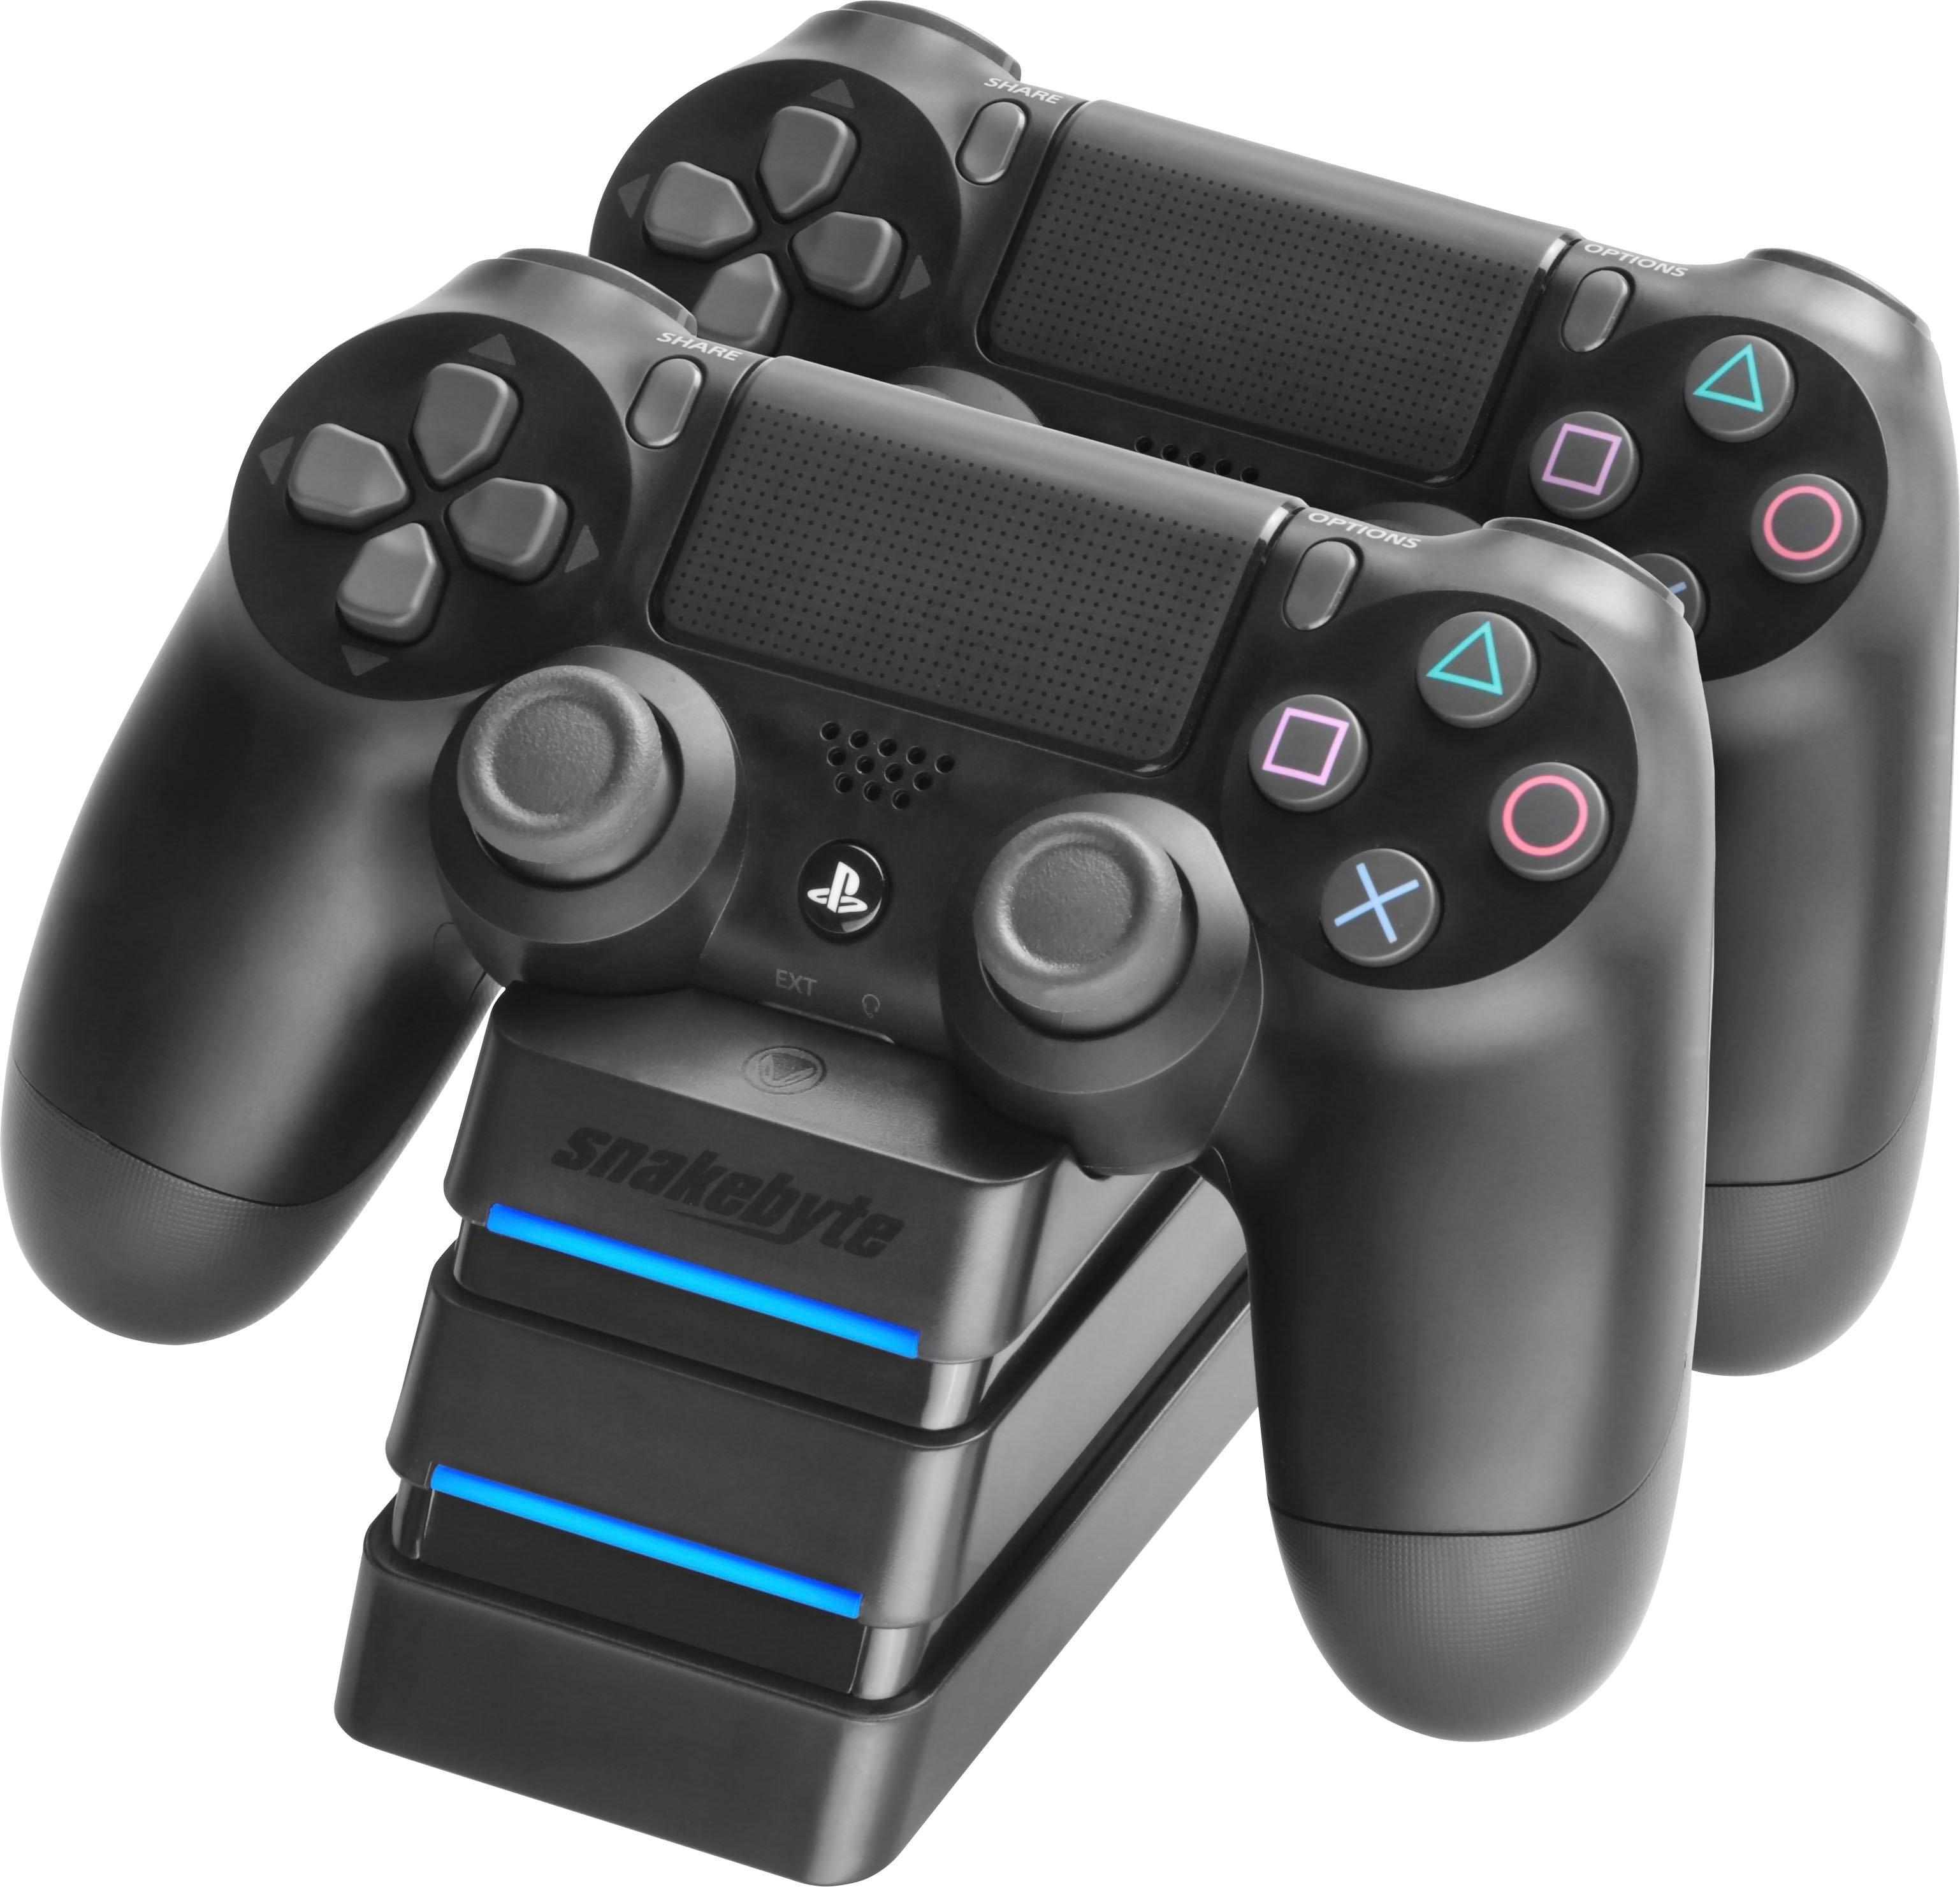 Op zoek naar een Snakebyte controller-oplaadstation Twin: Charge 4 oplaadstation (zwart)? Koop online bij OTTO